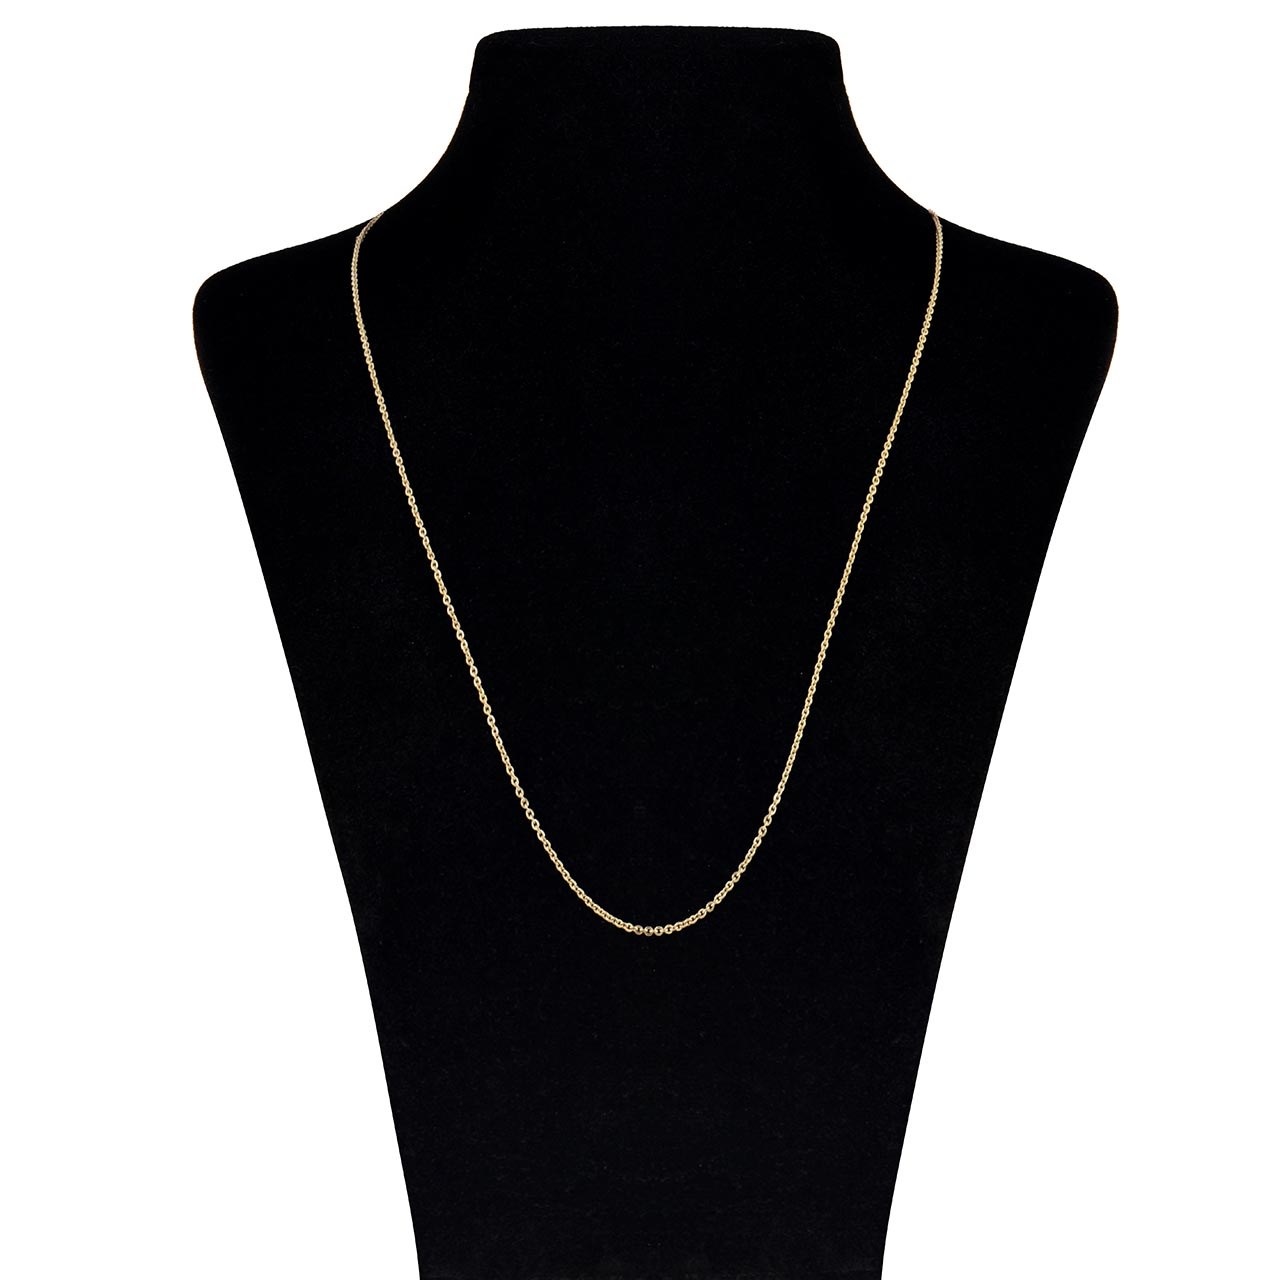 زنجیر طلا 18 عیار ماهک مدل MM0647 - مایا ماهک